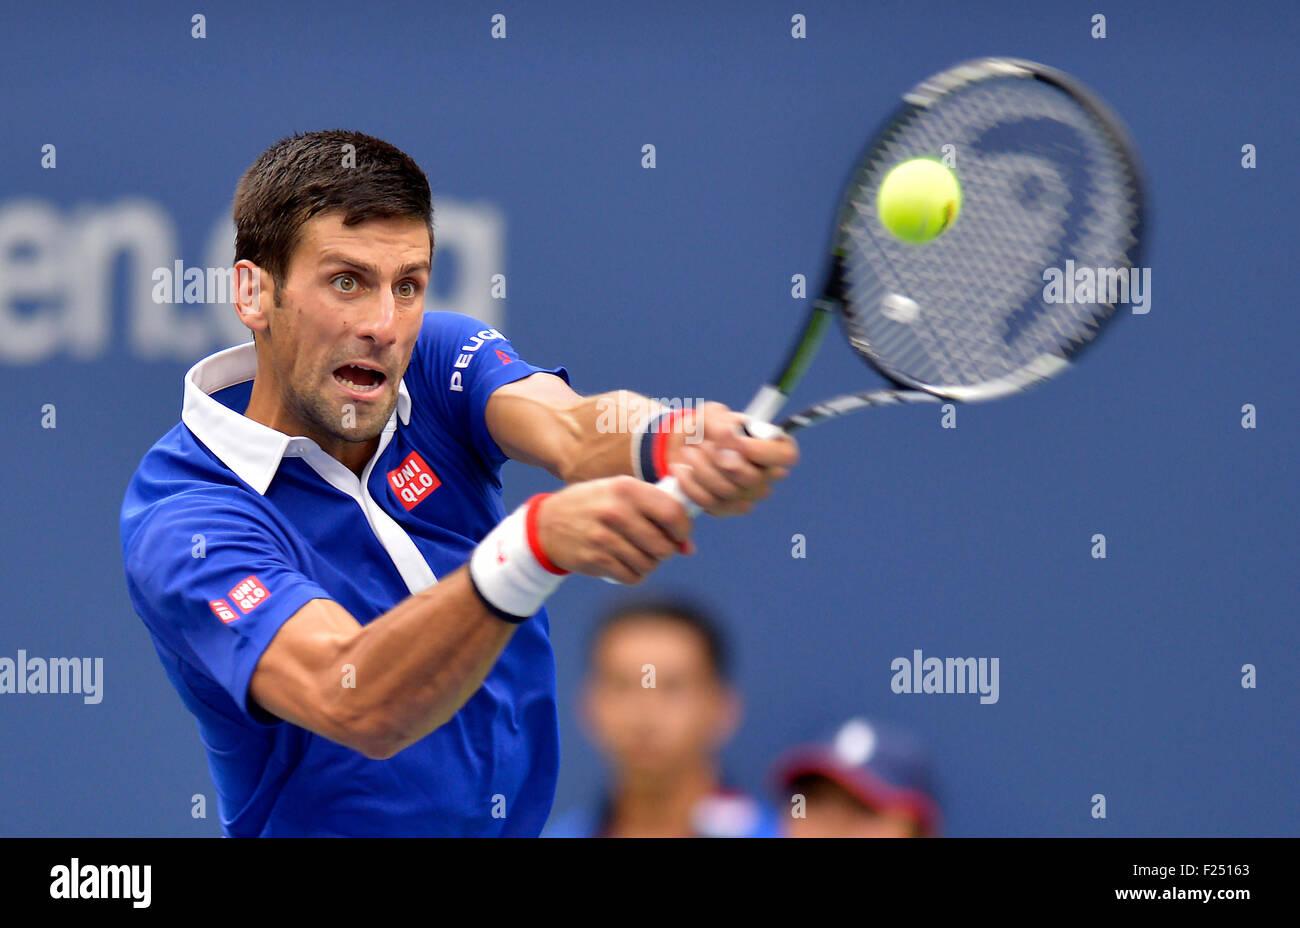 New York, USA. Sep 11, 2015. Novak Djokovic la Serbie de renvoie un shot à Marin Cilic de Croatie lors de leur Photo Stock